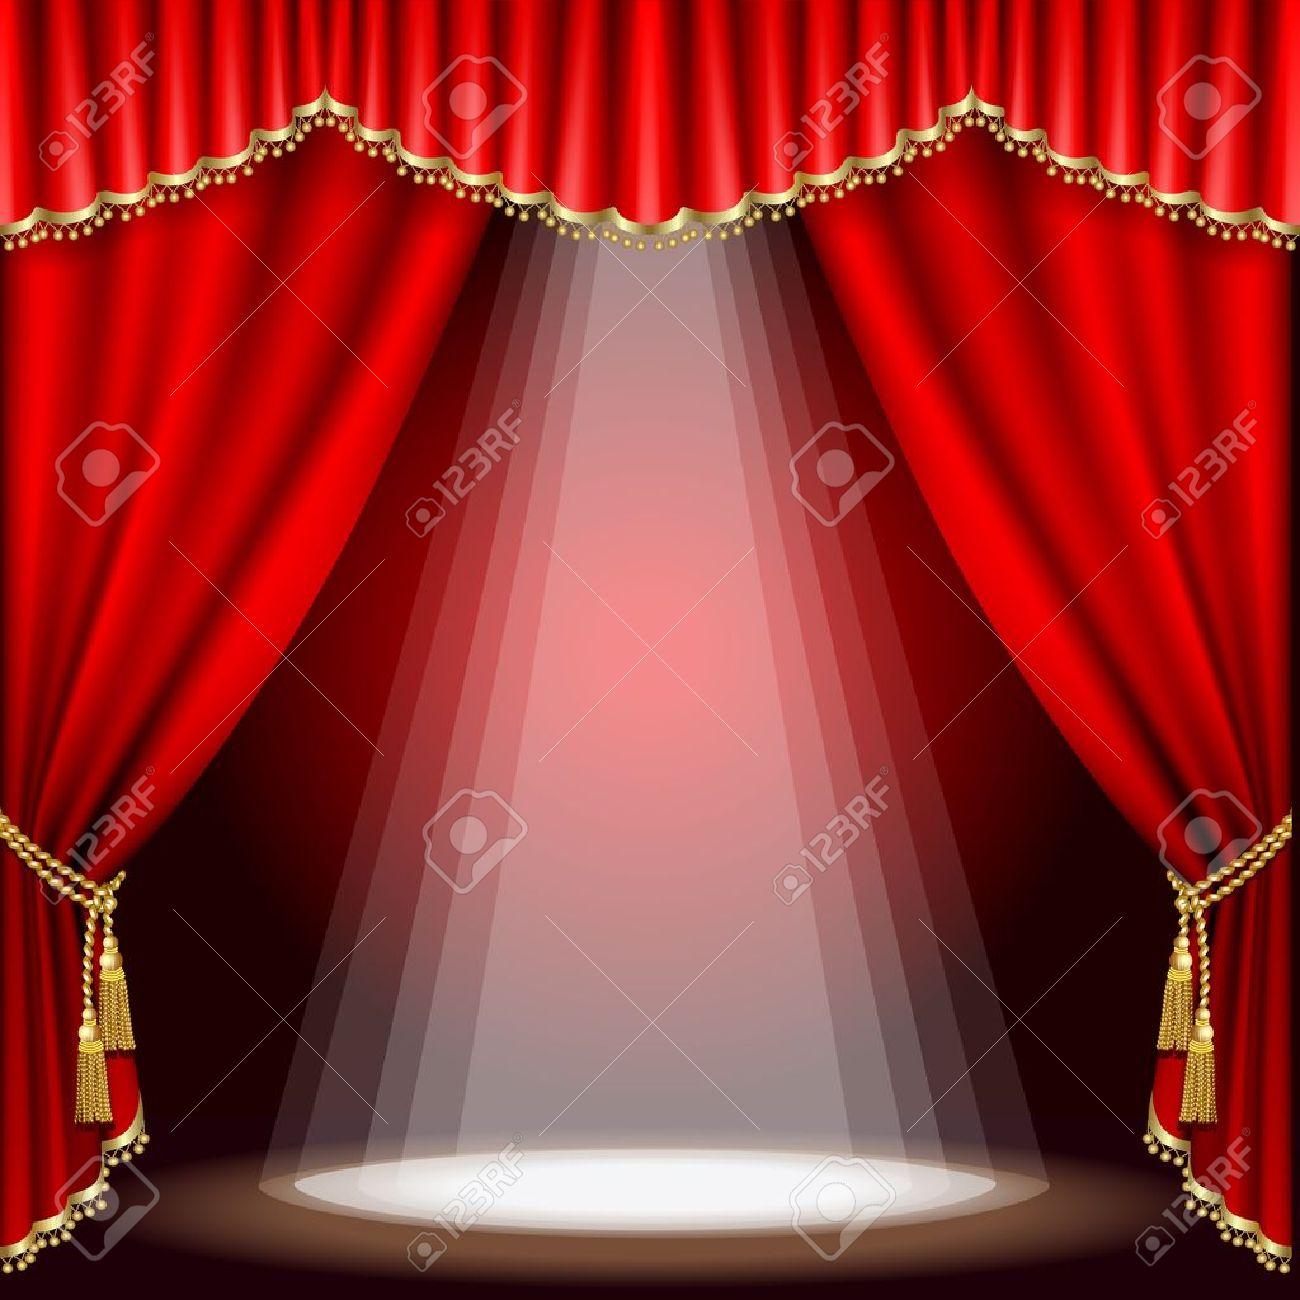 Theater het podium met rode gordijn. clipping mask. mesh. royalty ...